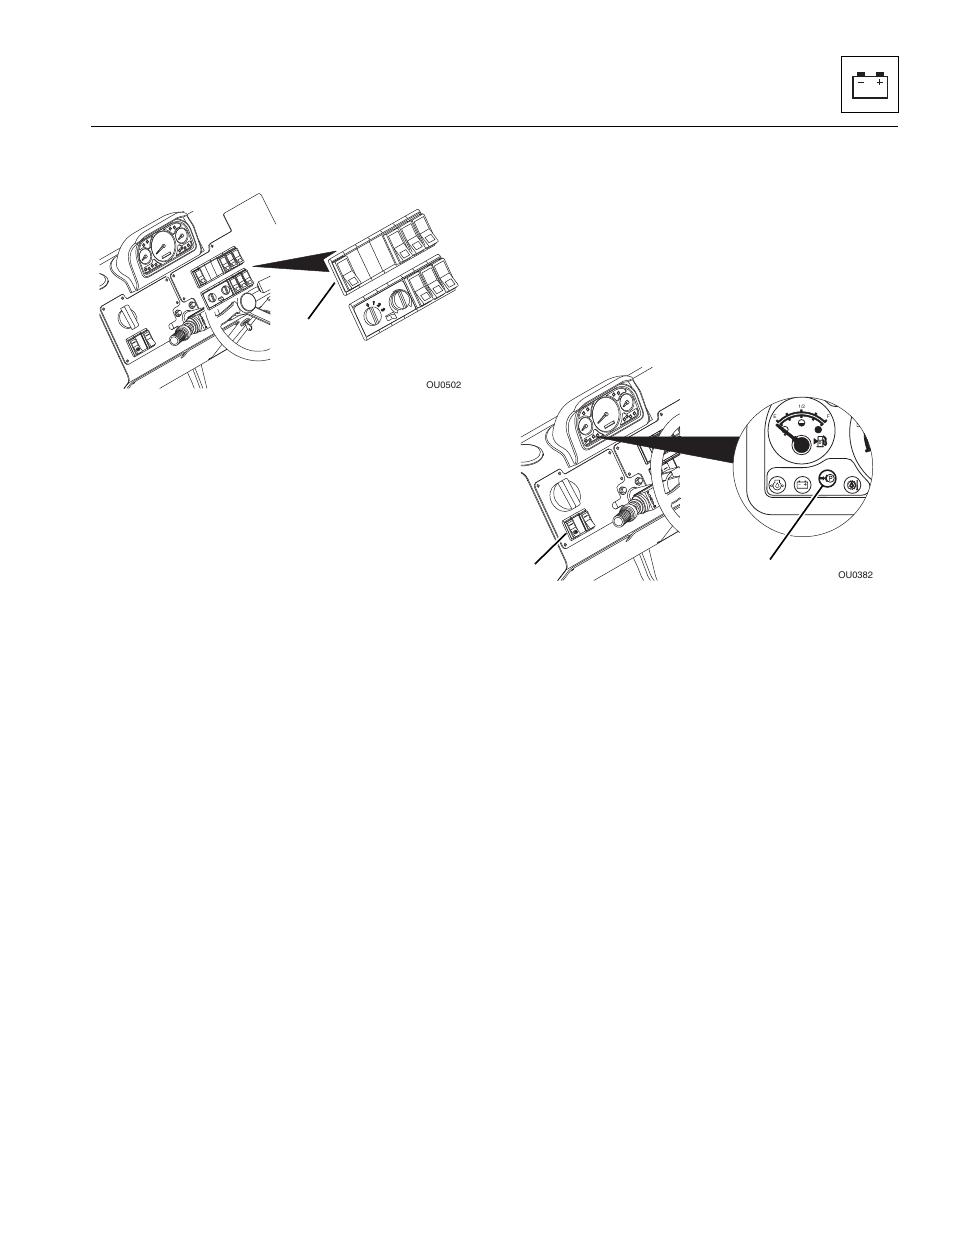 hydraulic pressure switch symbol gallery